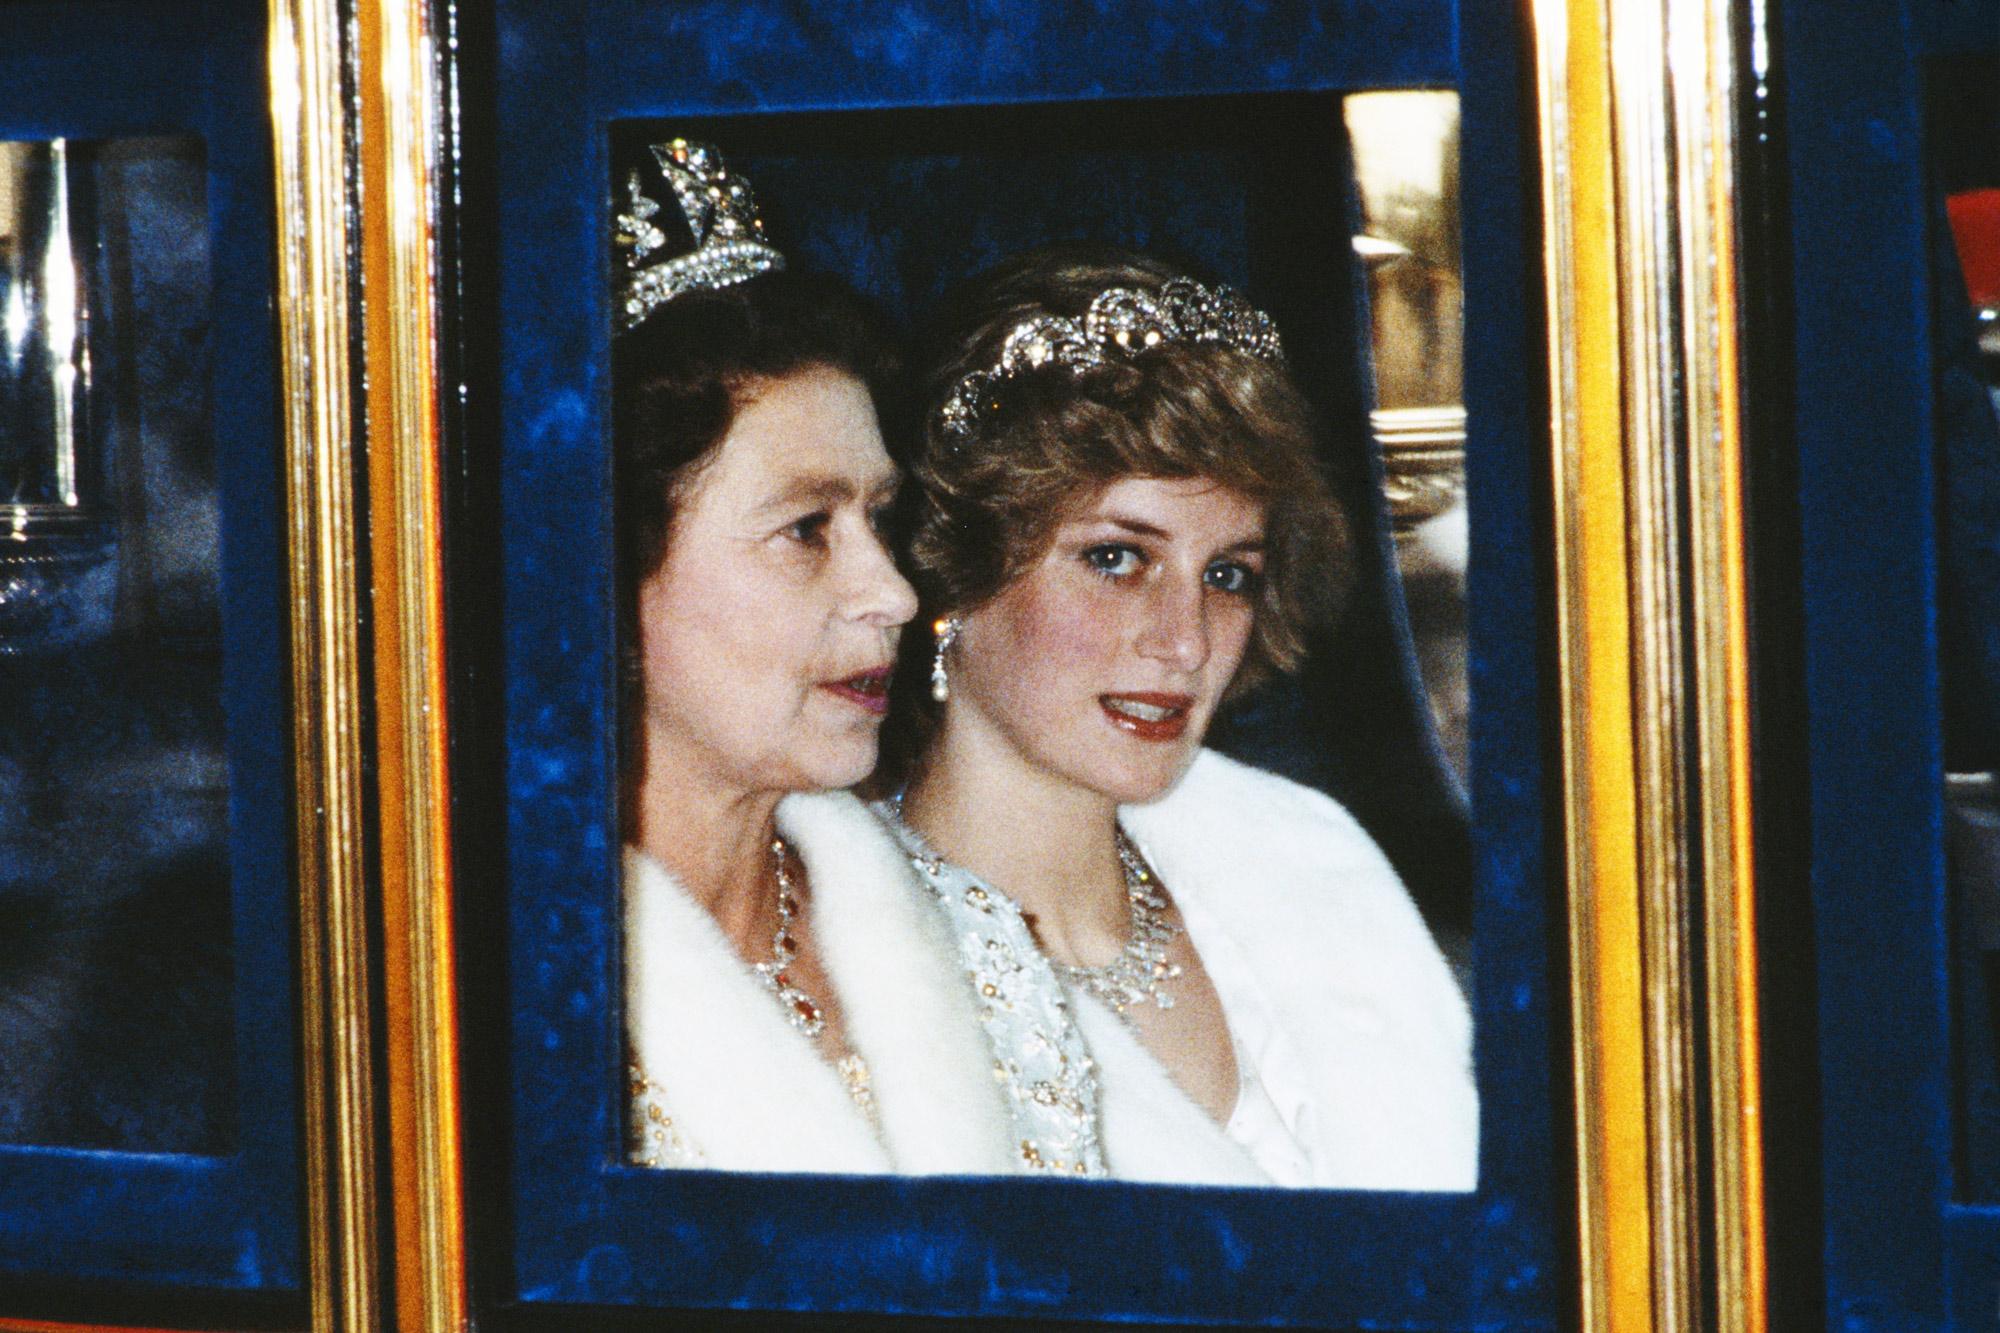 Принцесса Уэльская Диана икоролева Елизавета II нацеремонии открытия сессии парламента вЛондоне, ноябрь 1982 года.